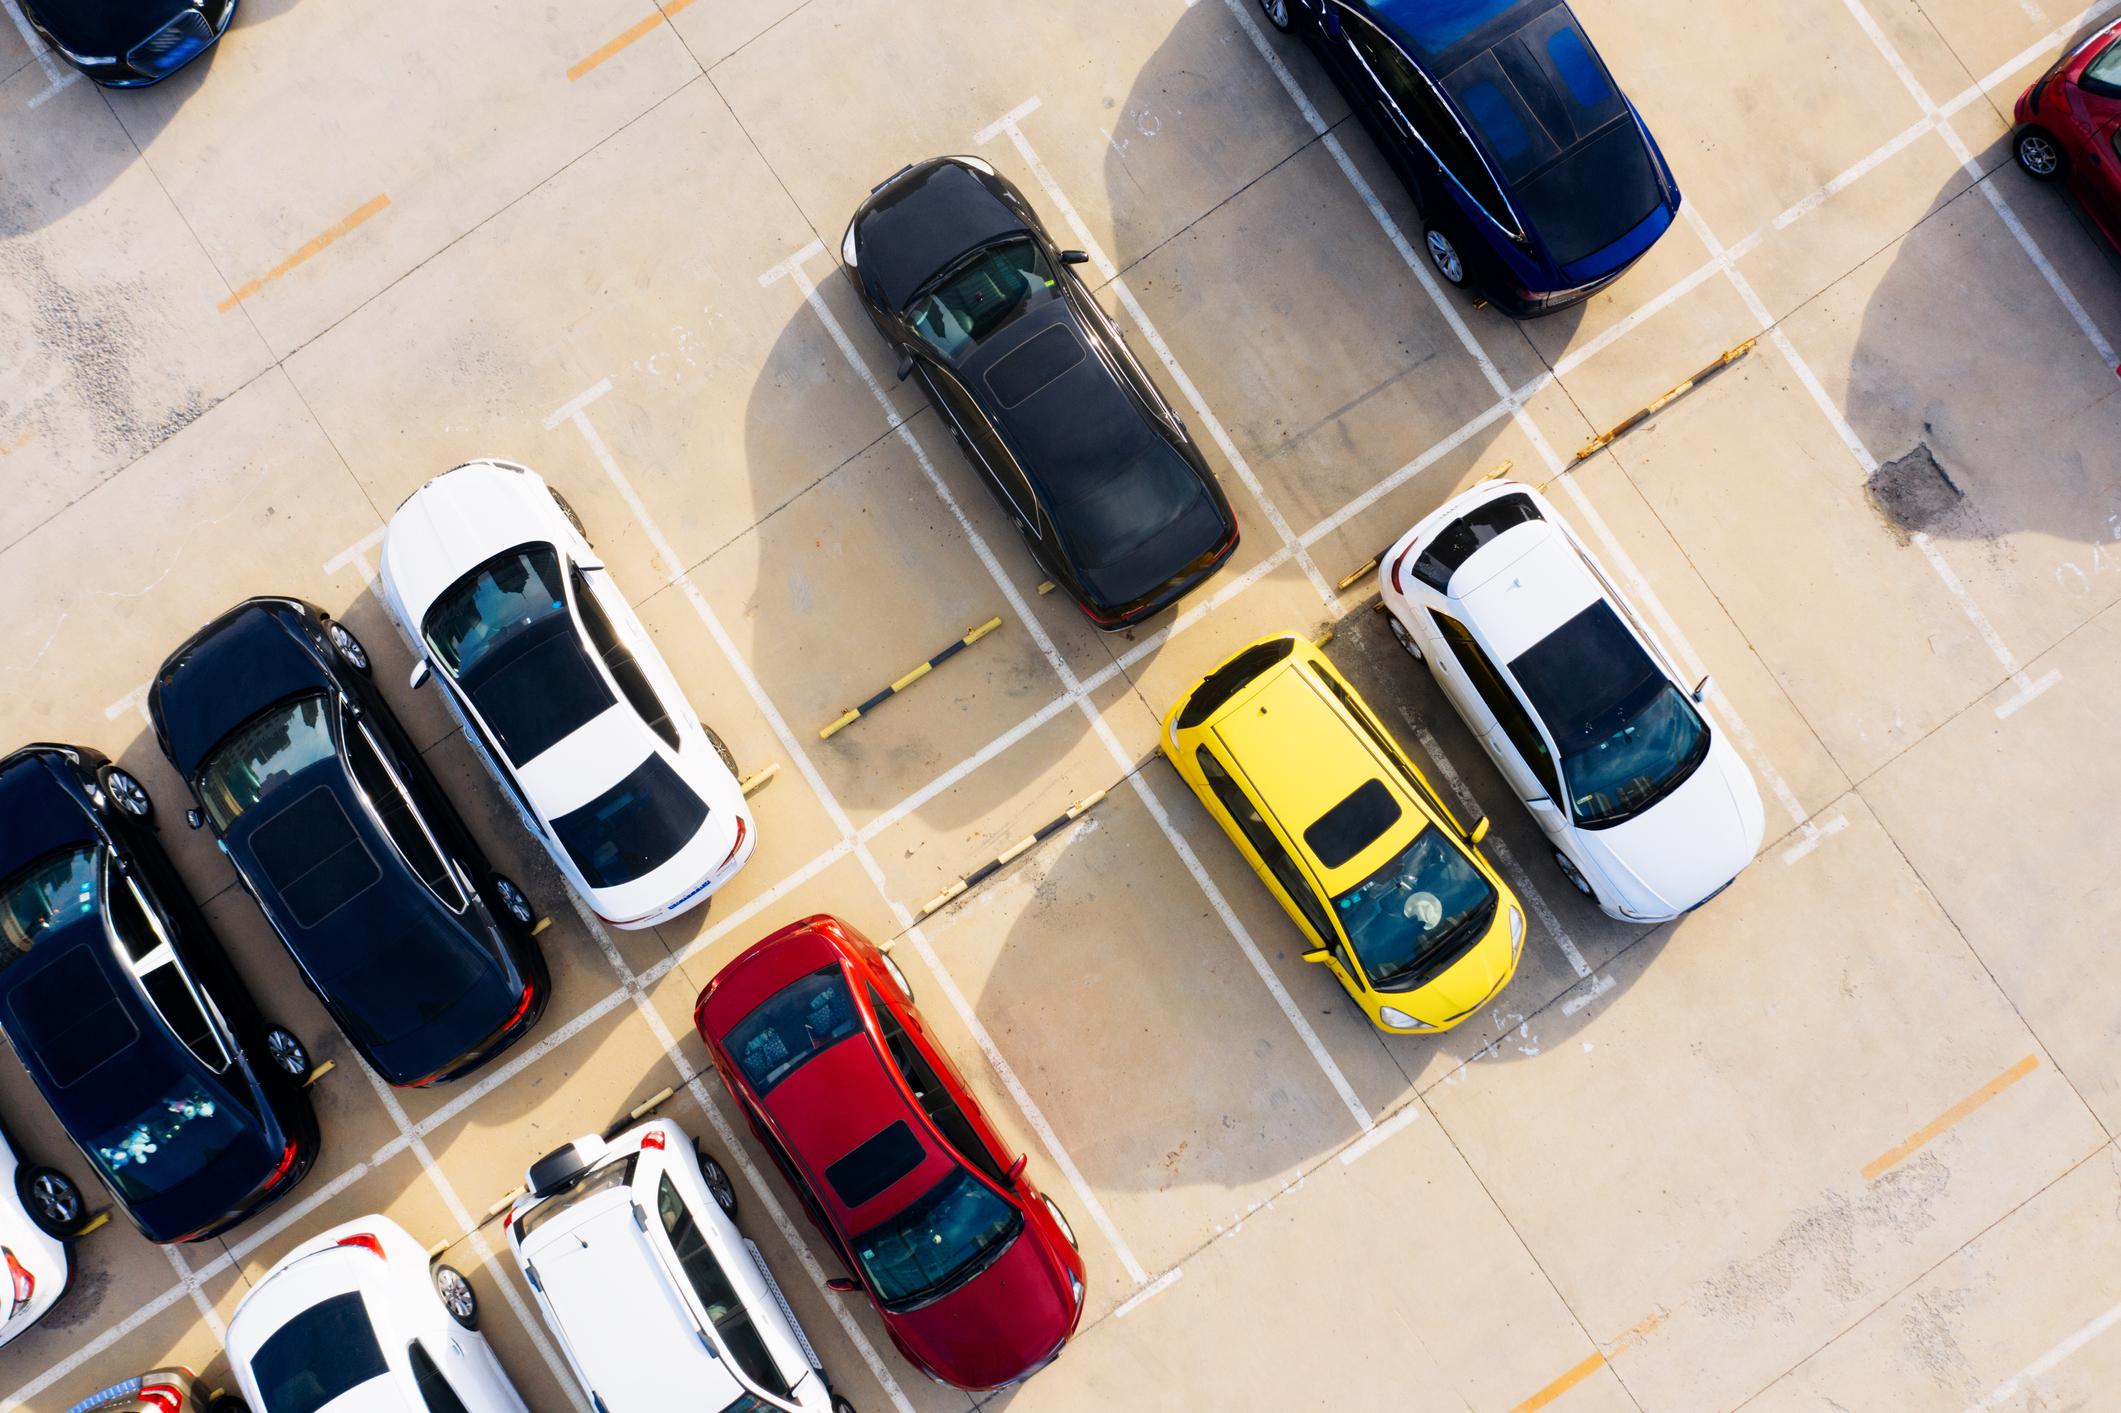 cars in [a